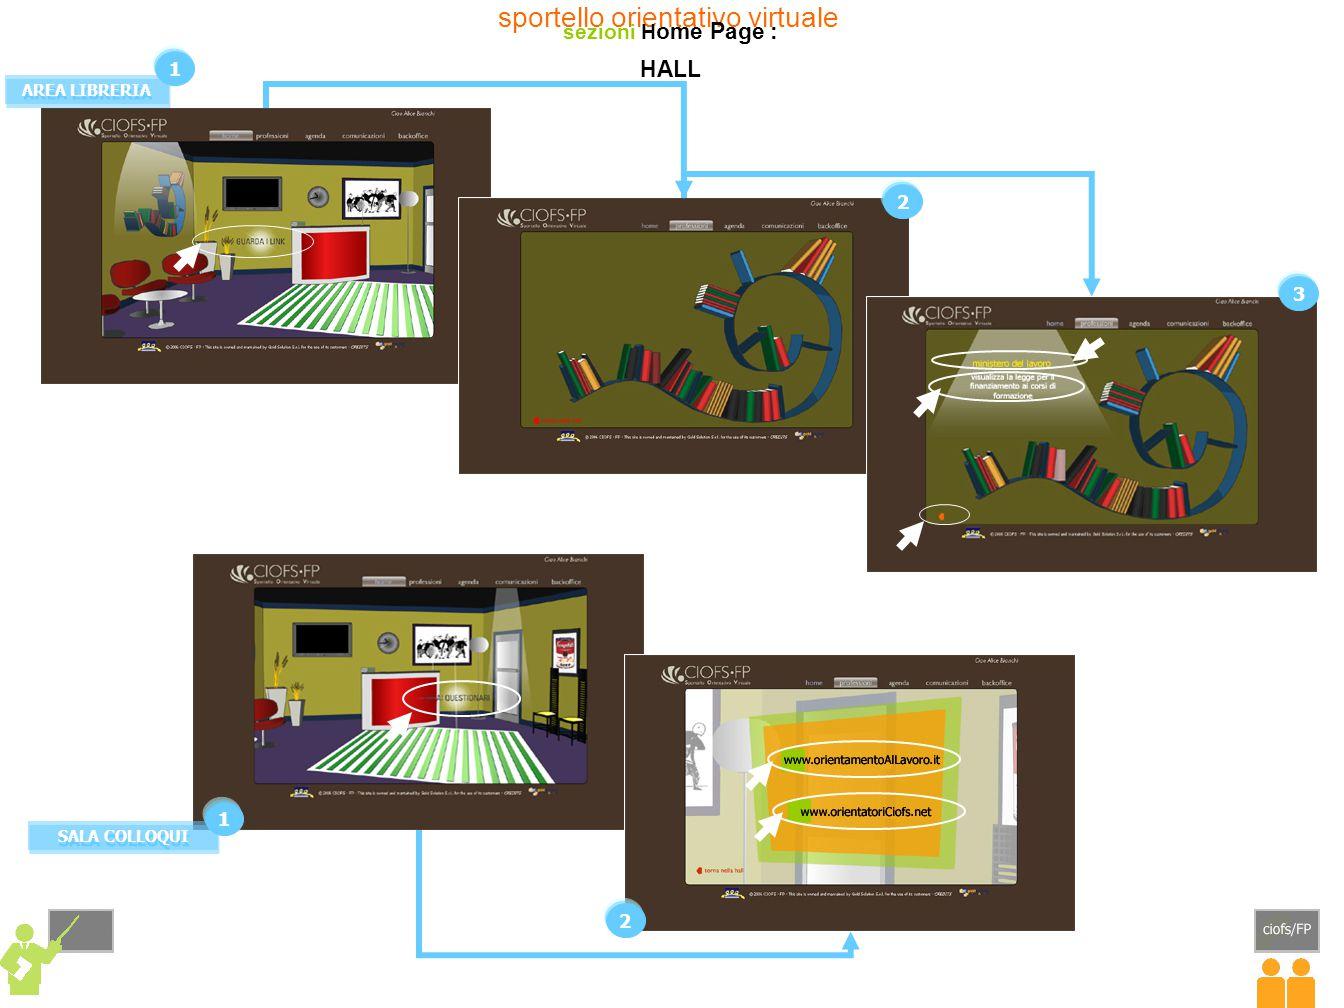 sportello orientativo virtuale sezione Agenda Studente 1 2 3 4